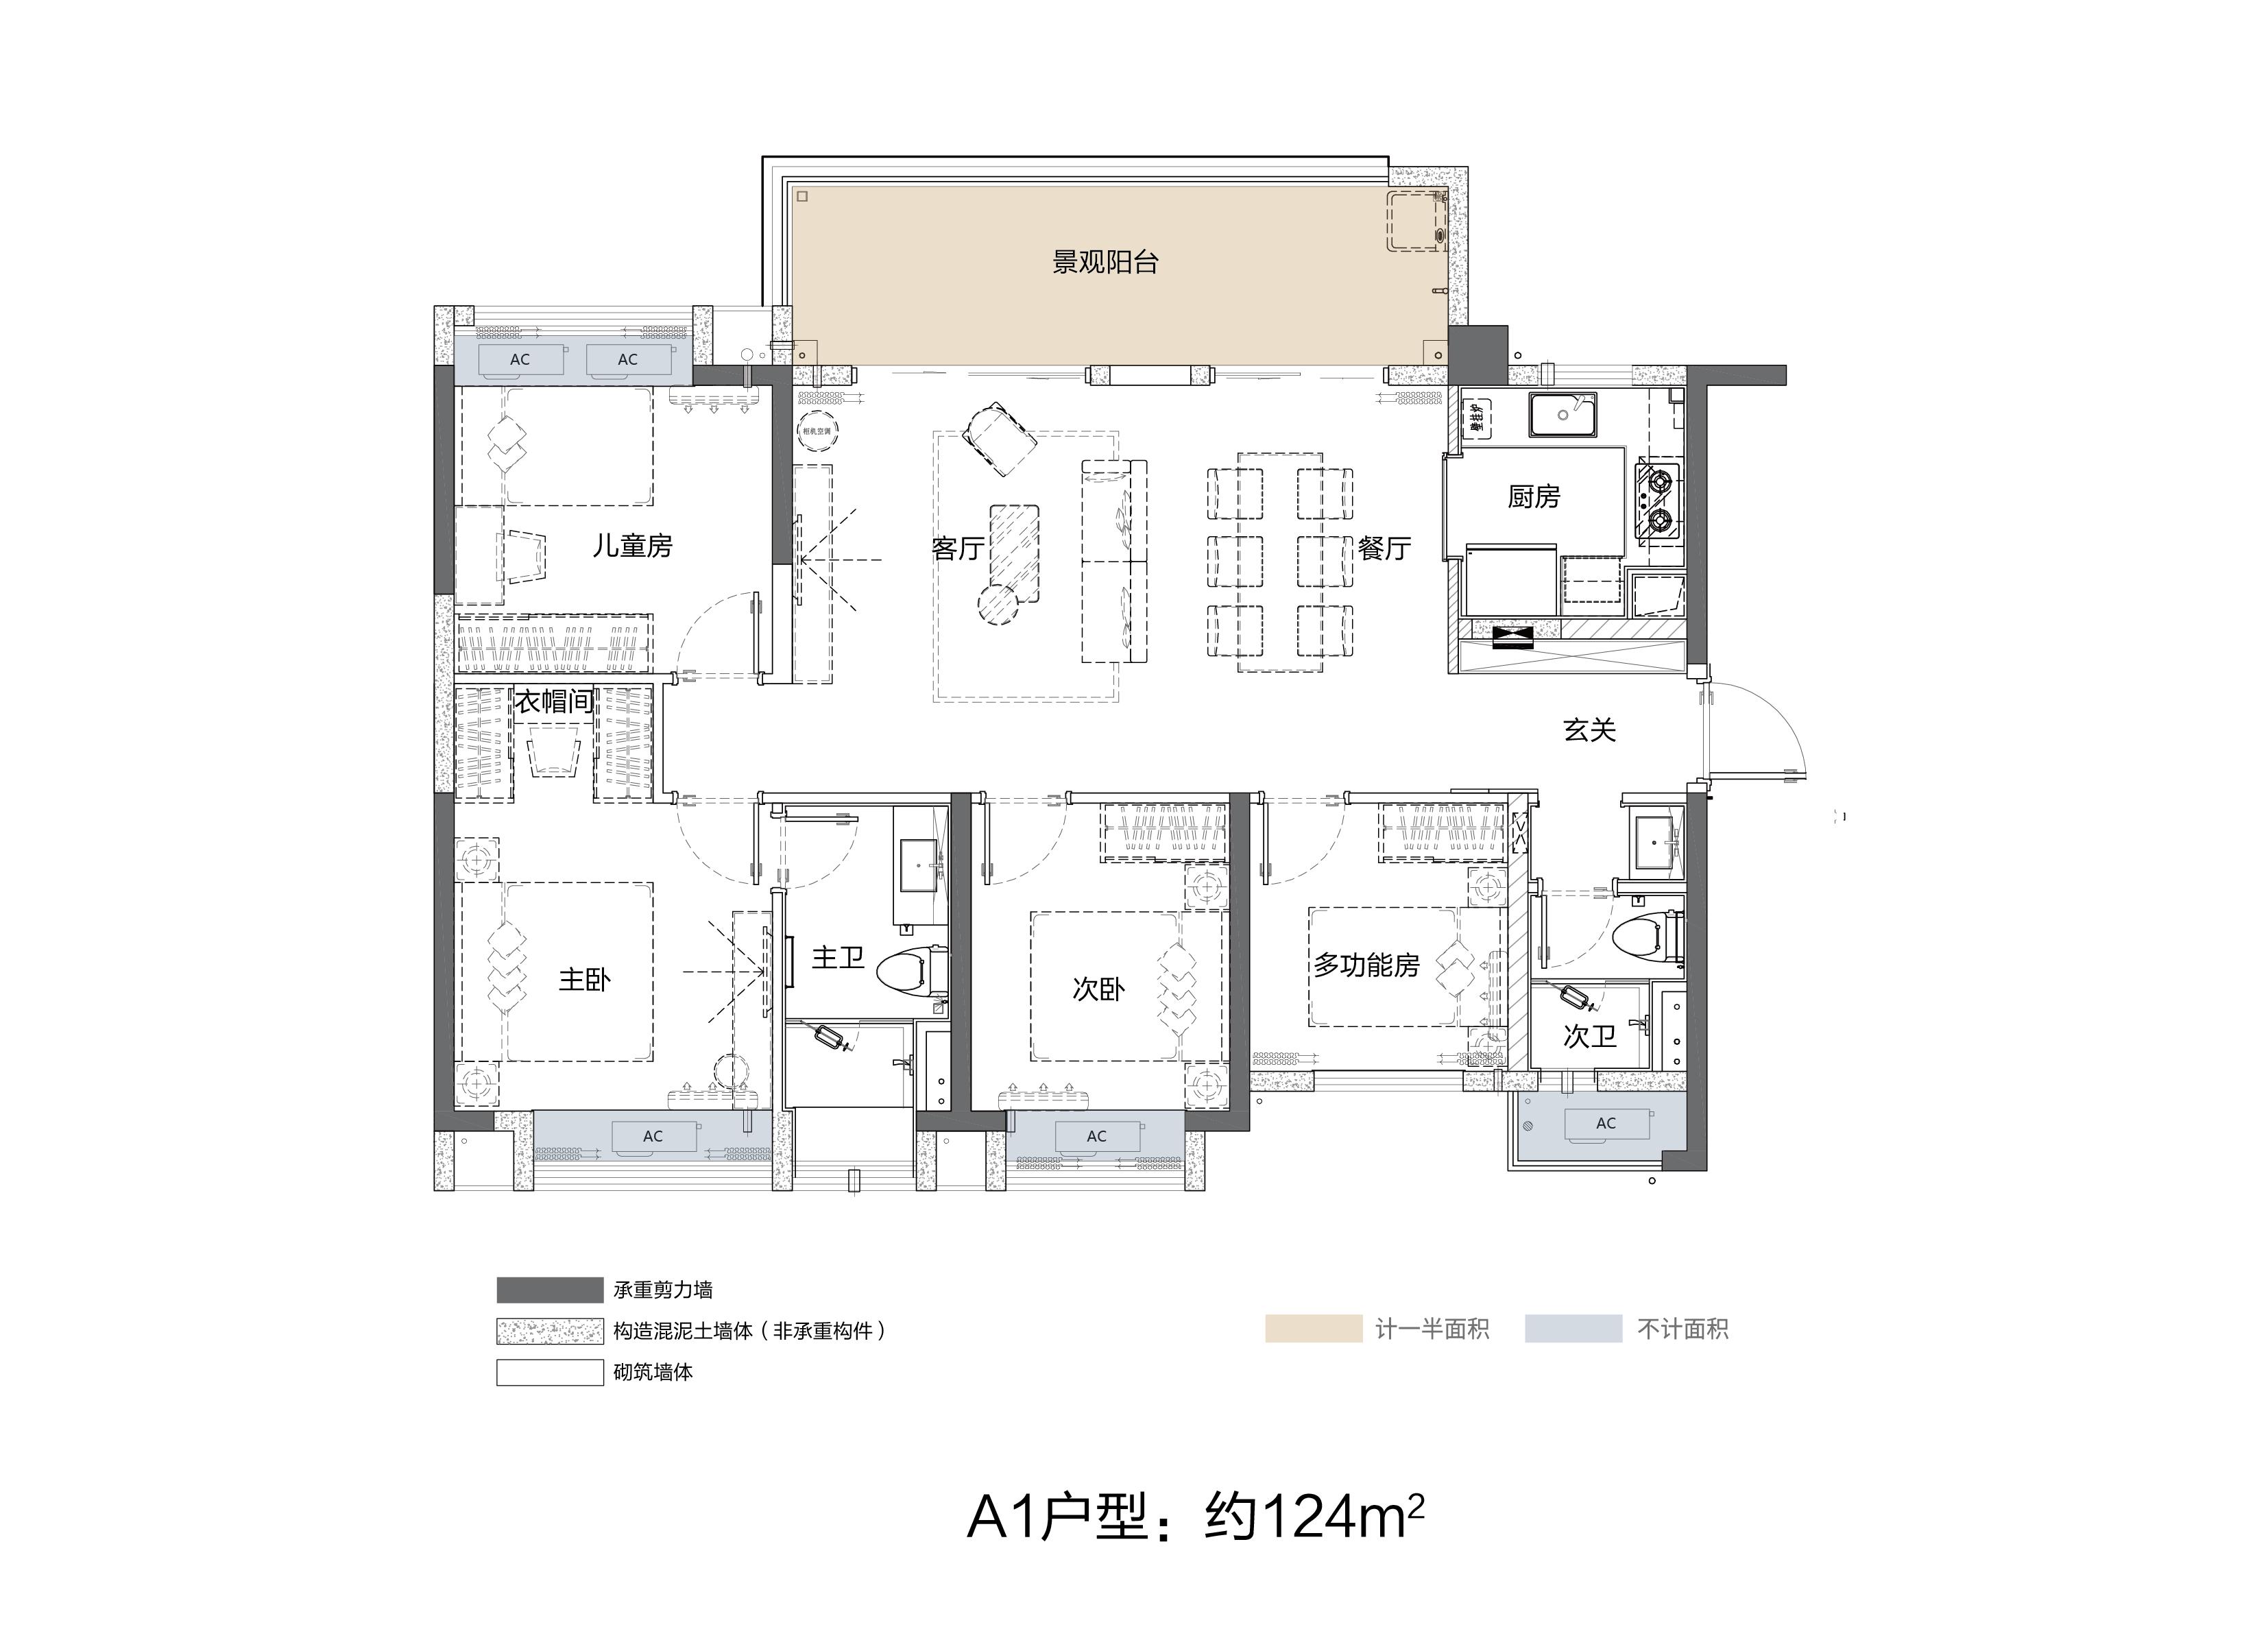 贵阳美的璟悦风华10500元/㎡高层、12500元/㎡小高层在售中国网地产